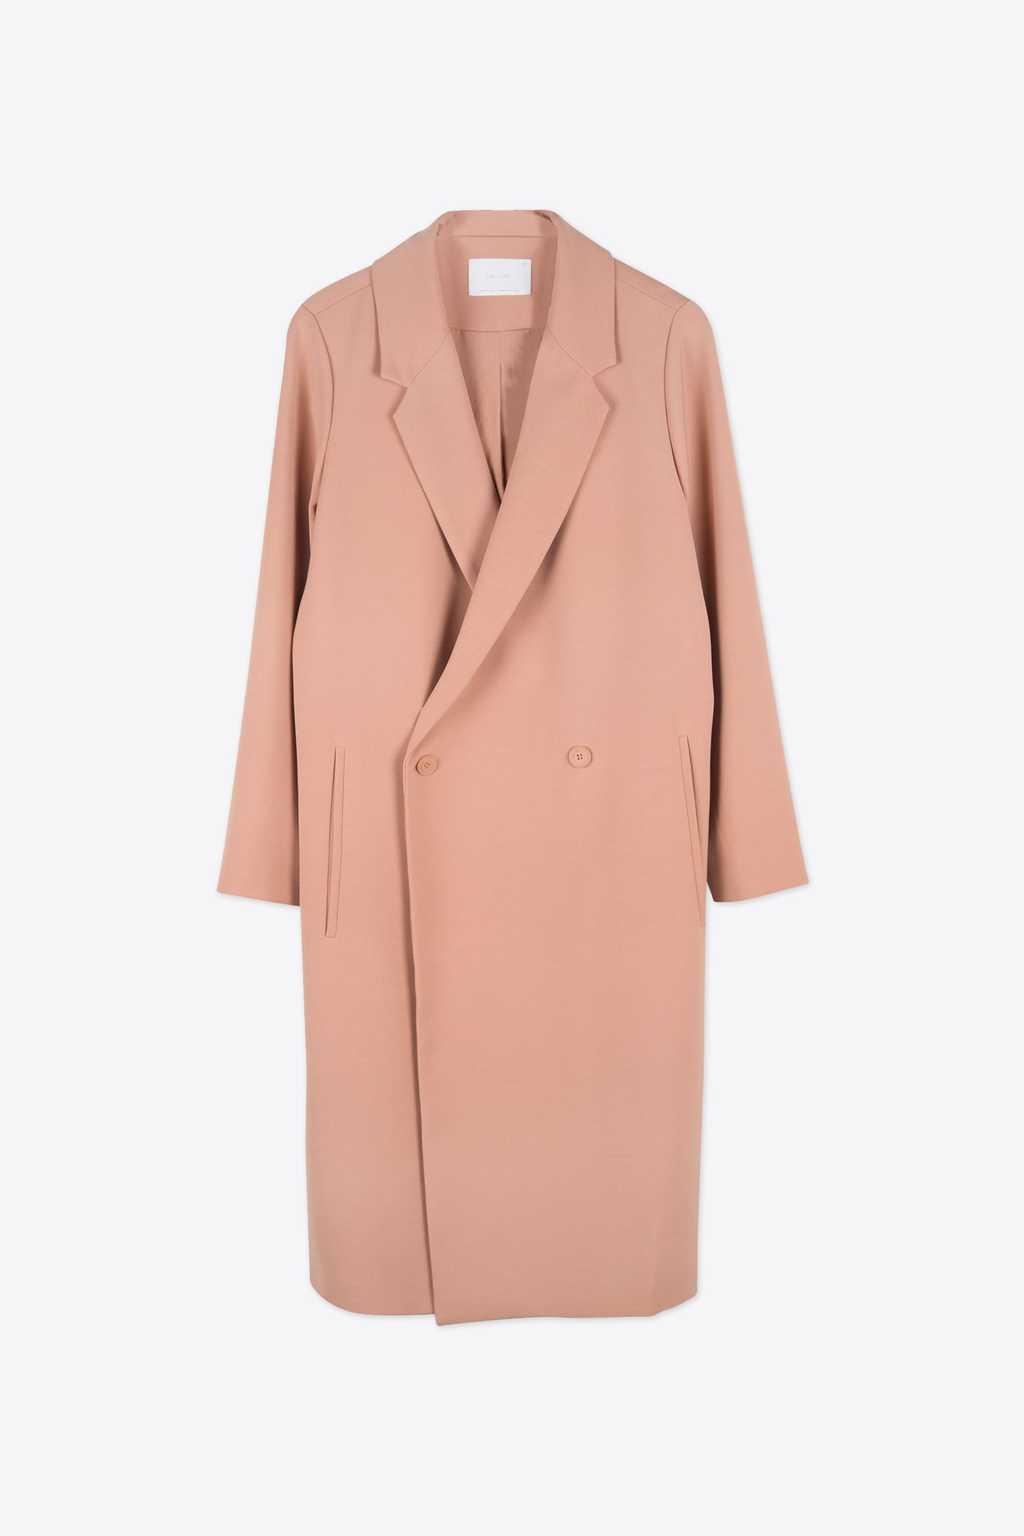 Jacket 1463 Pink 5